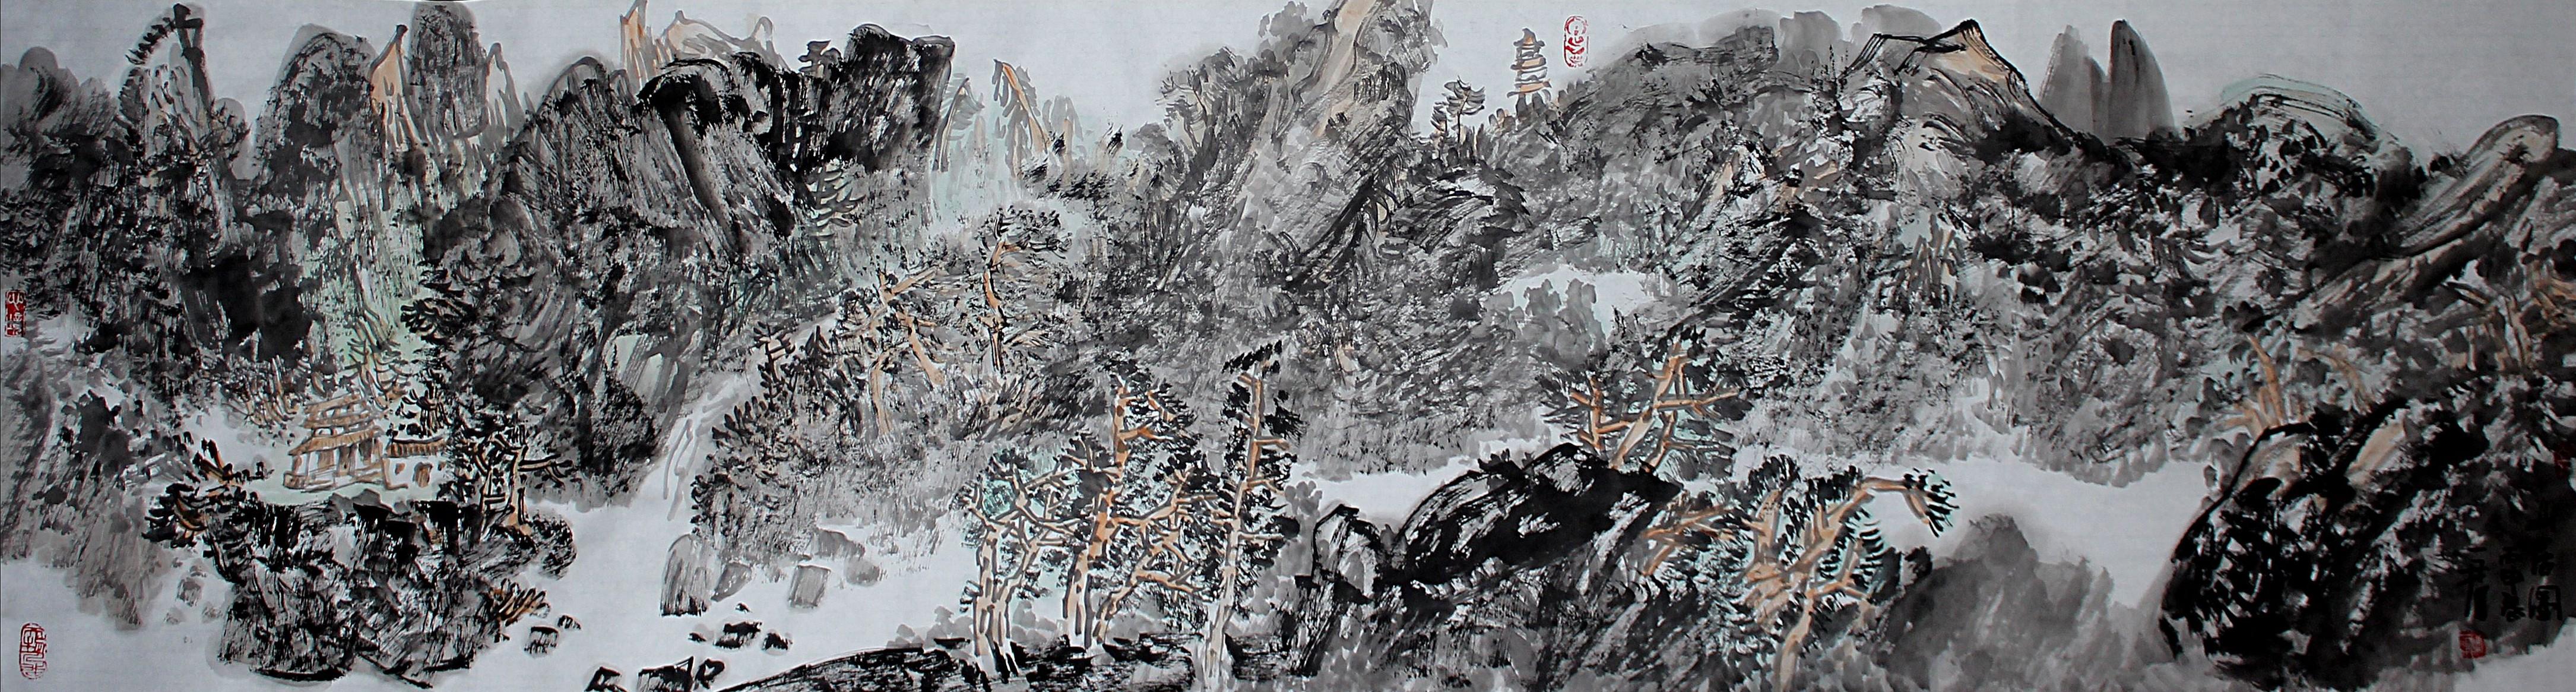 刘一军山水画作品《山居图》